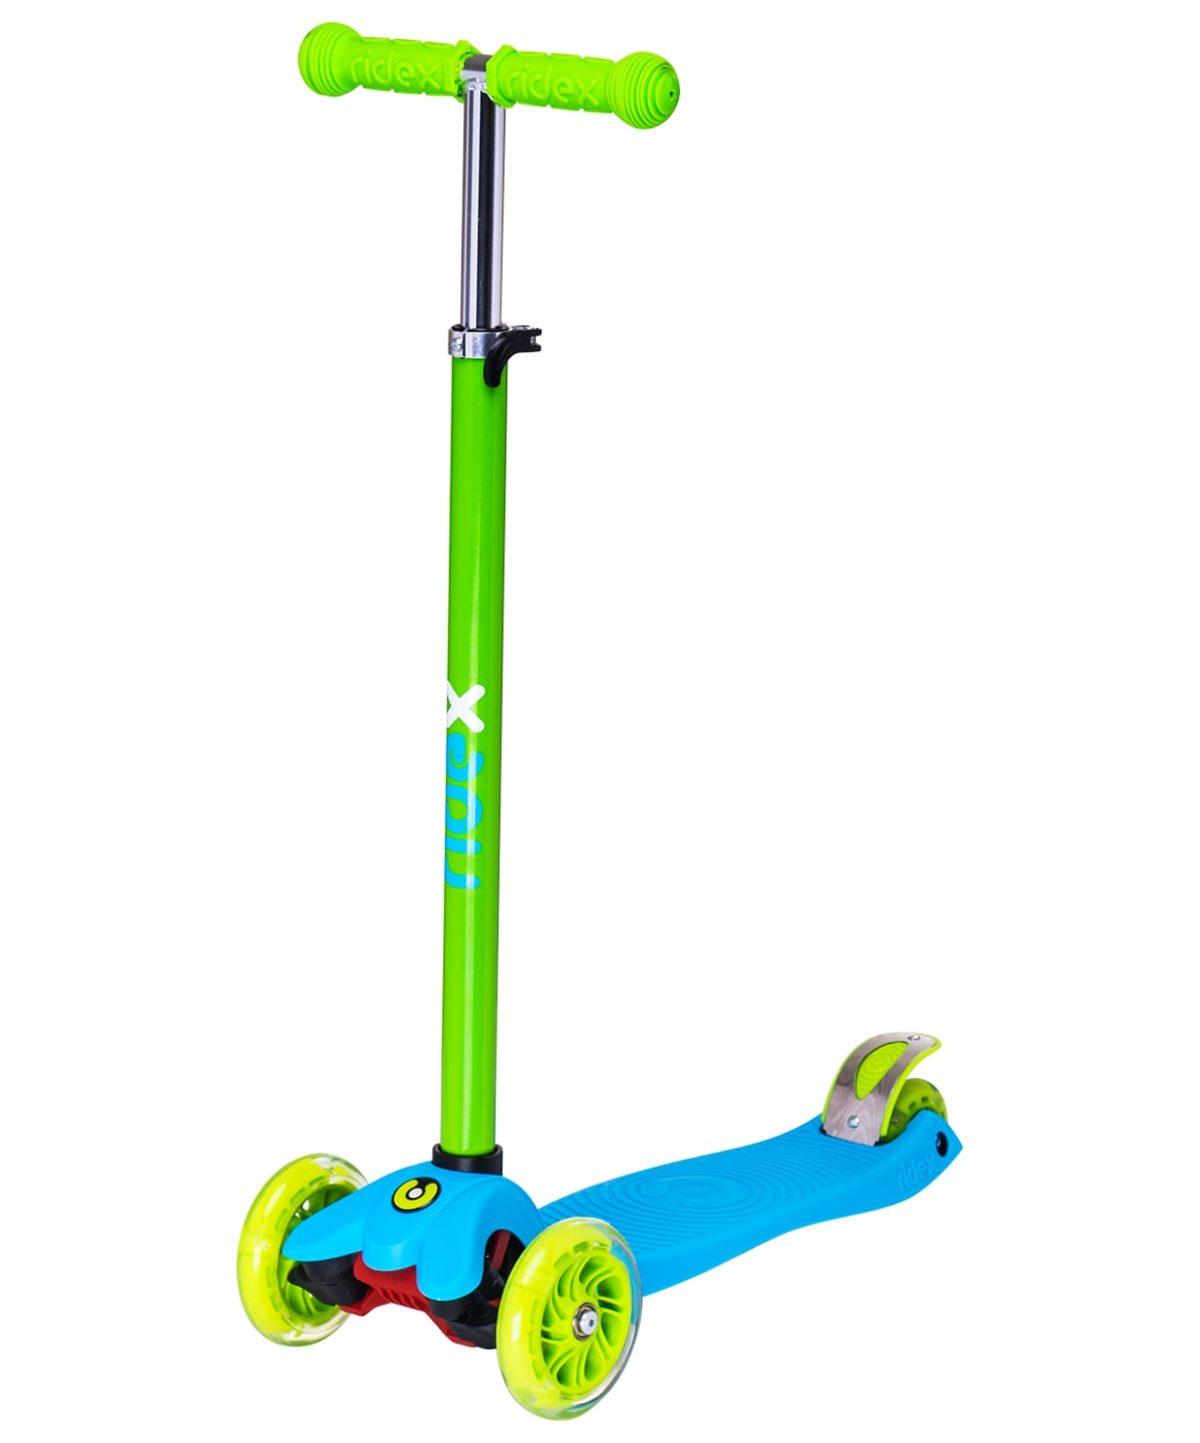 RIDEX Snappy 3D Самокат 3-х колесный 120/80 мм  Snappy: синий/зелёный - 1